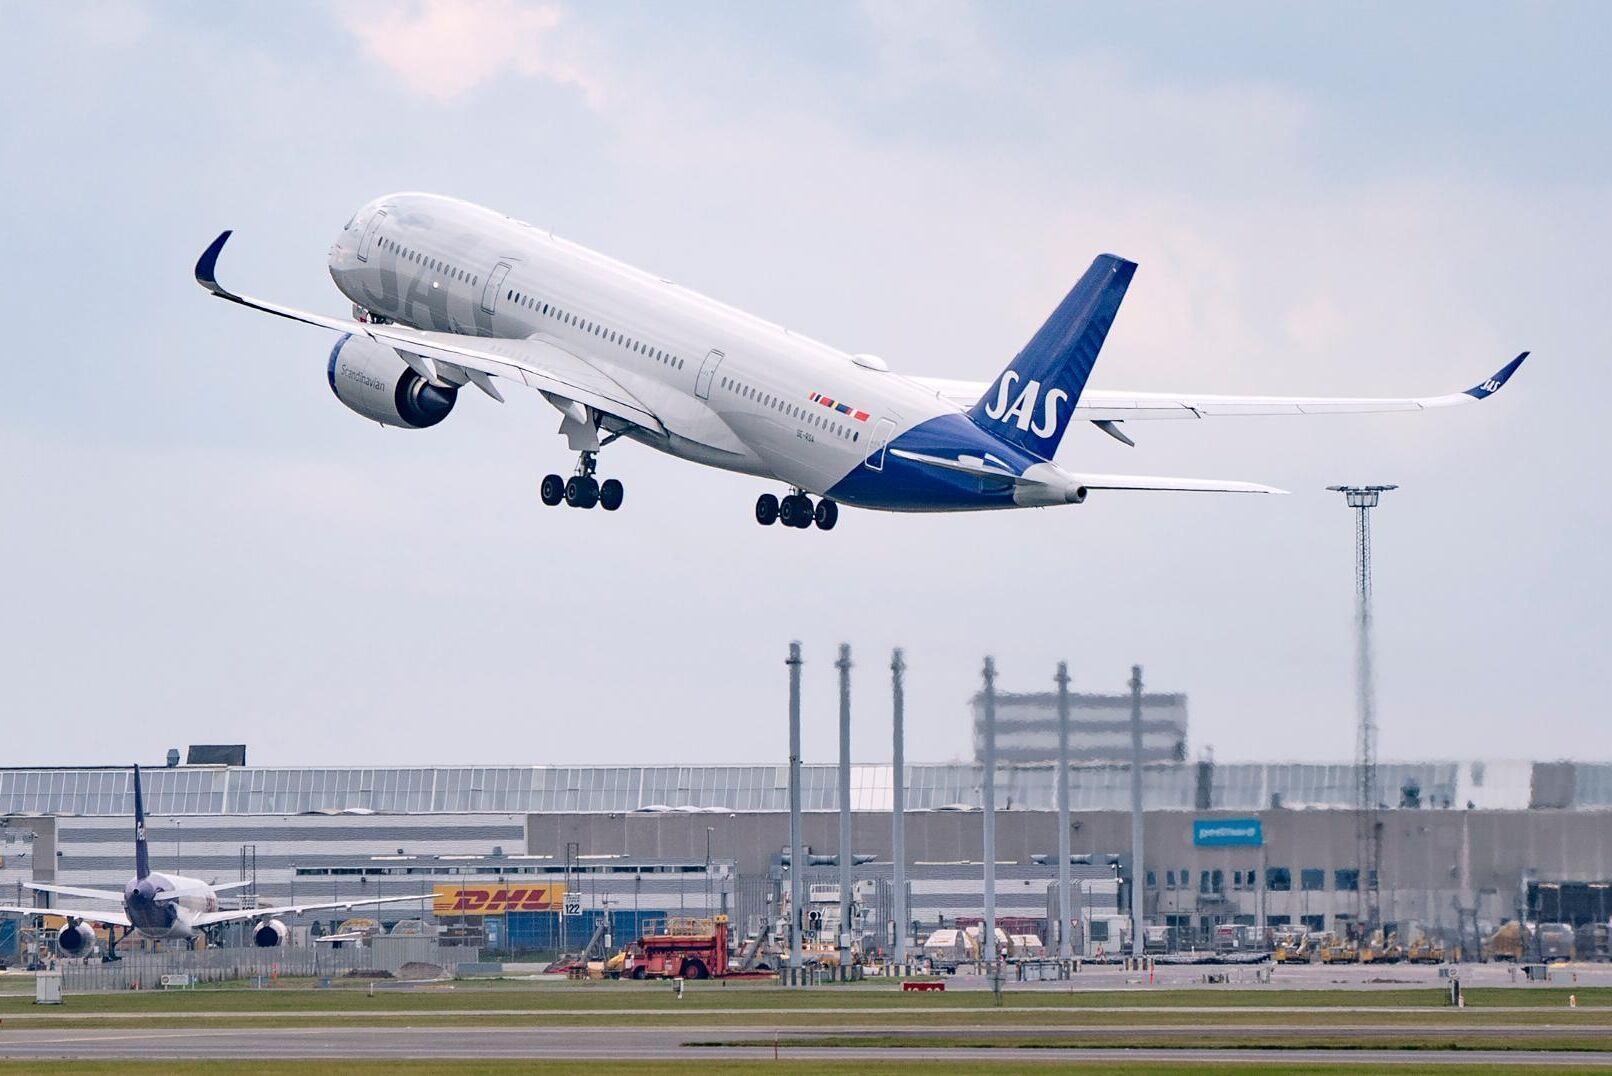 Från och med den första juli är det krav på inblandning av biodrivmedel i flygfotogen i Sverige. Arkivbild.